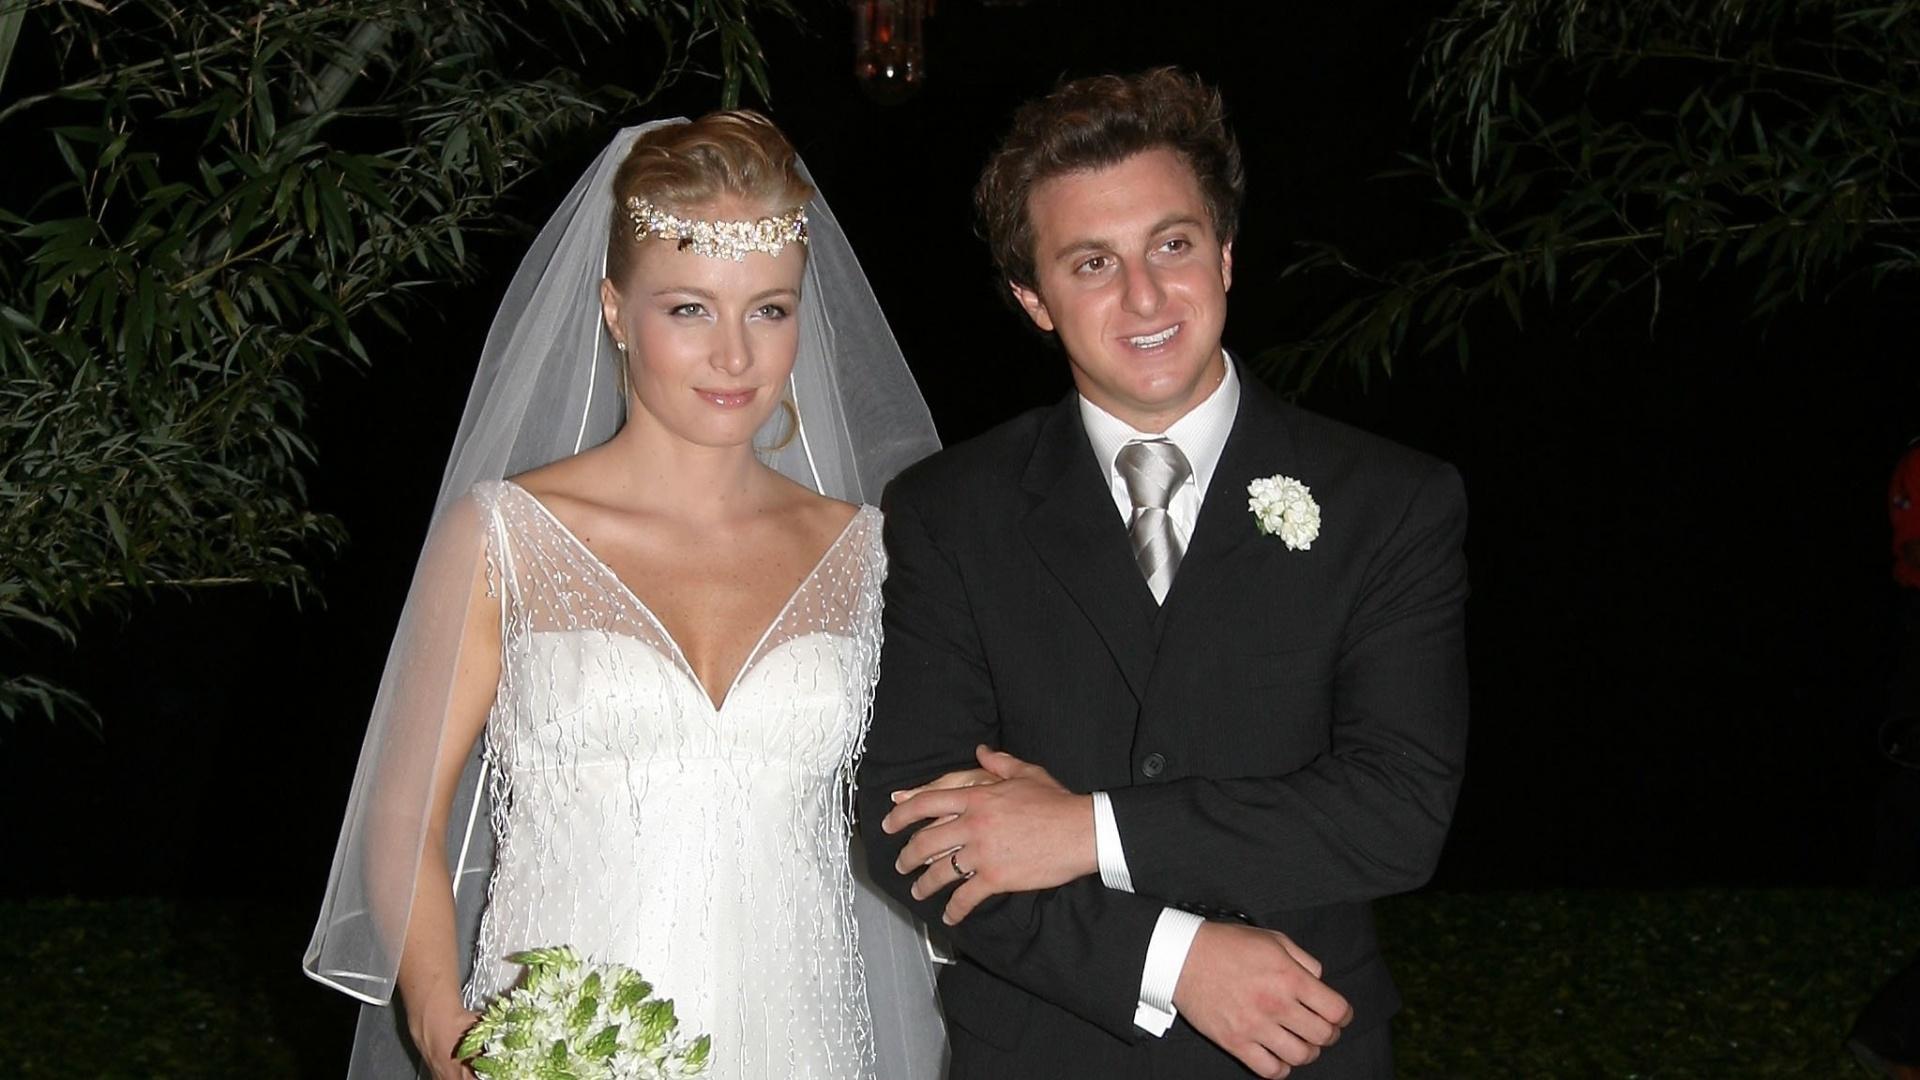 31.out.2004 - Angélica e Luciano Huck se casam na Marina da Glória, no Rio de Janeiro